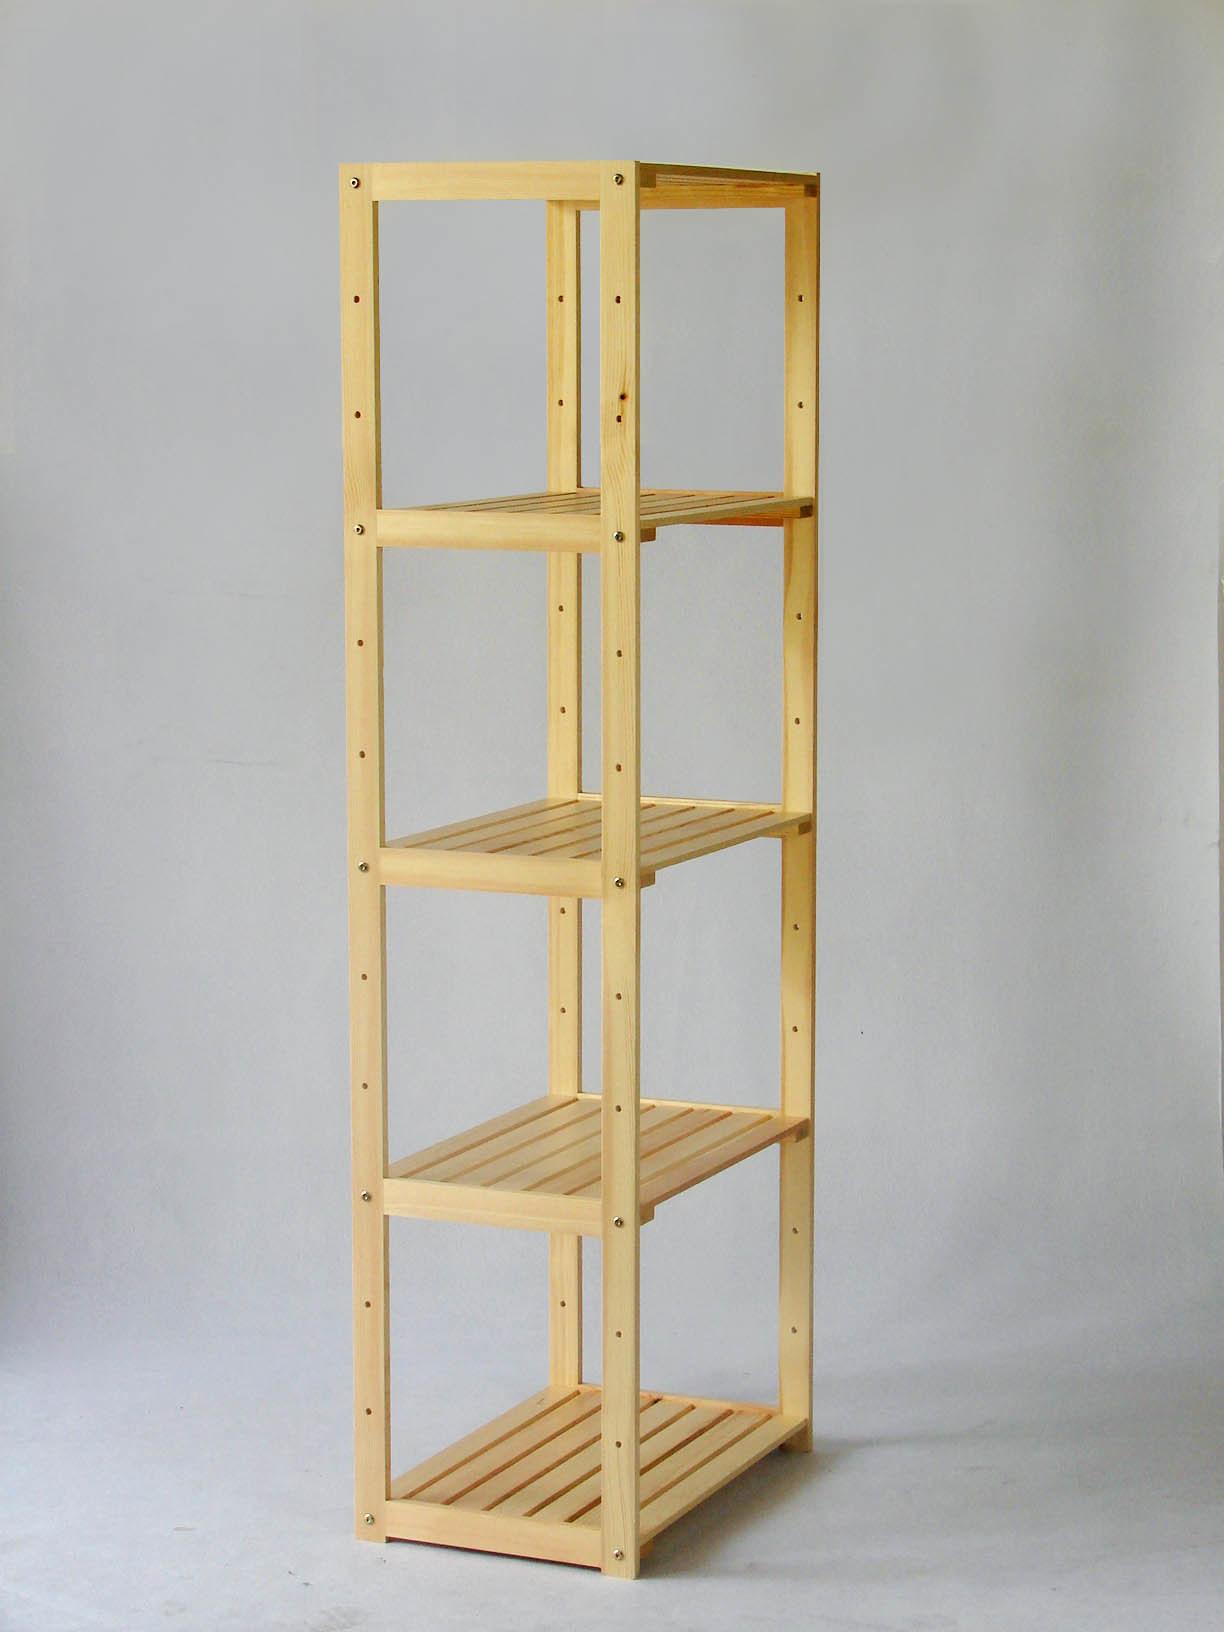 Prateleira de madeira dos bens da prateleira da madeira contínua da  #6A4924 1224x1632